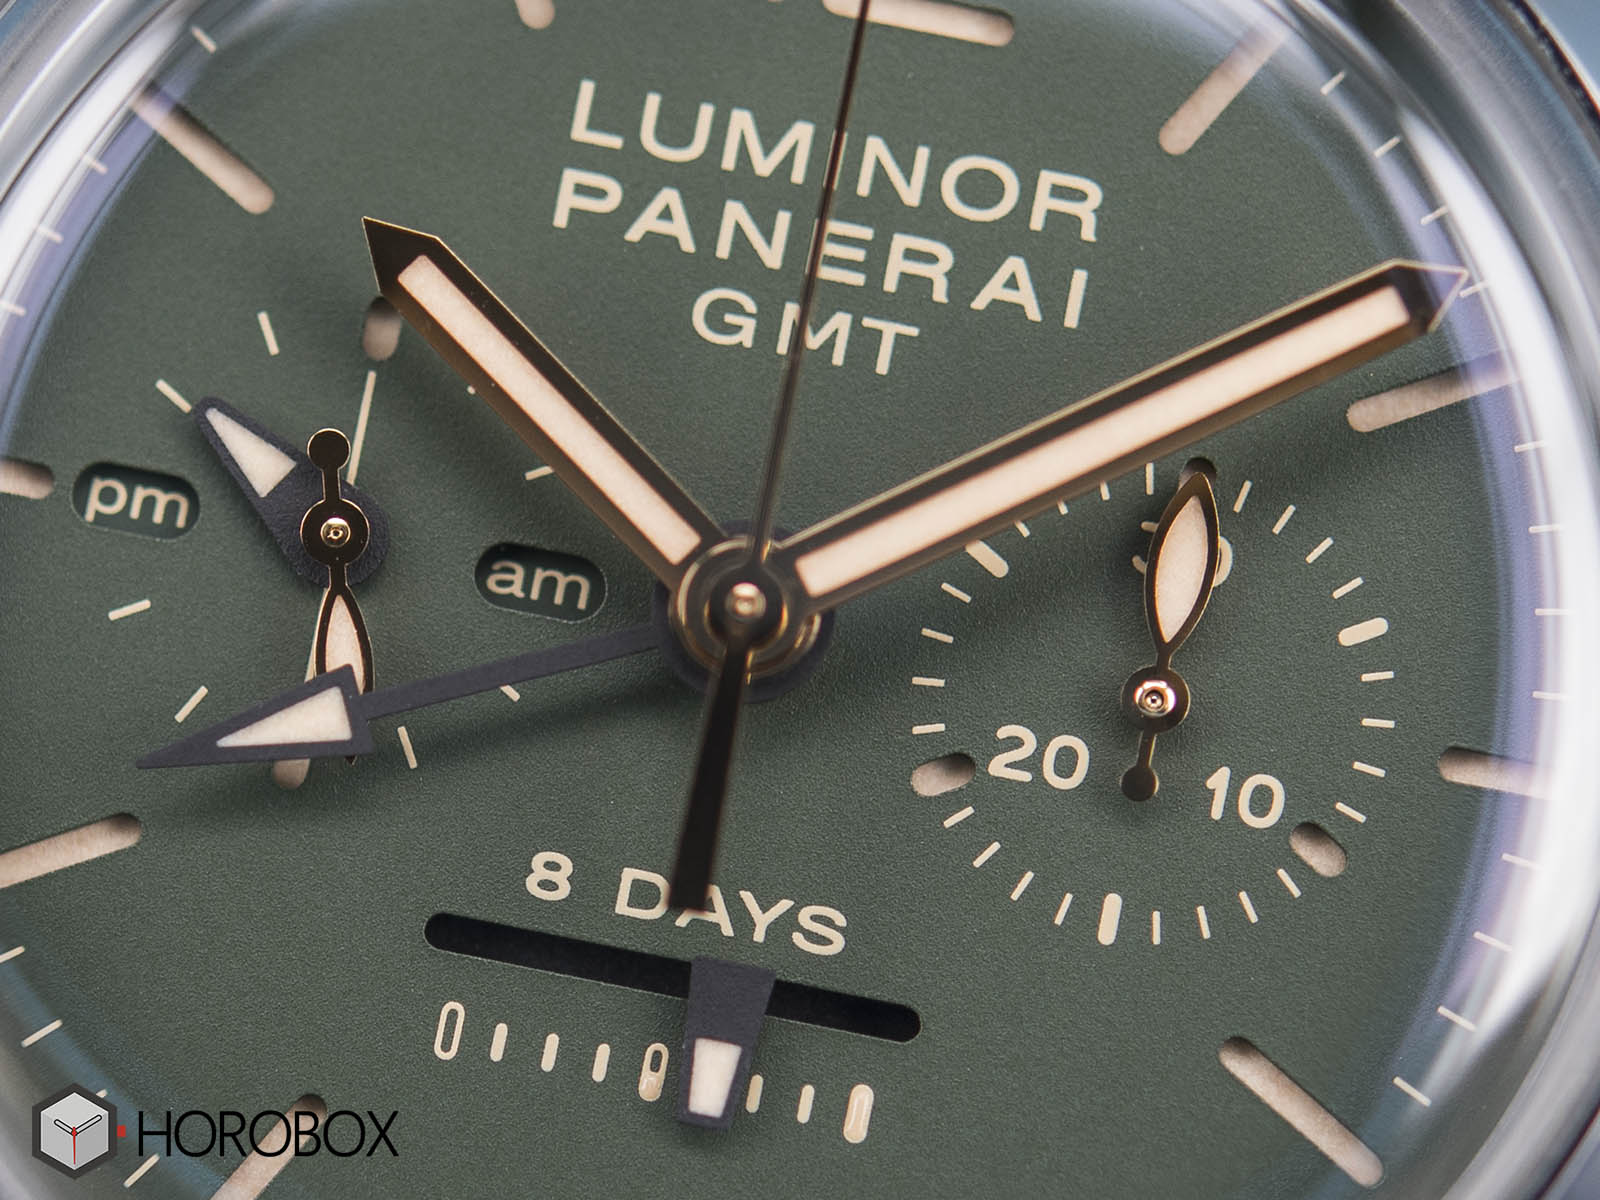 panerai-luminor-1950-chrono-monopulsante-pam737-1.jpg